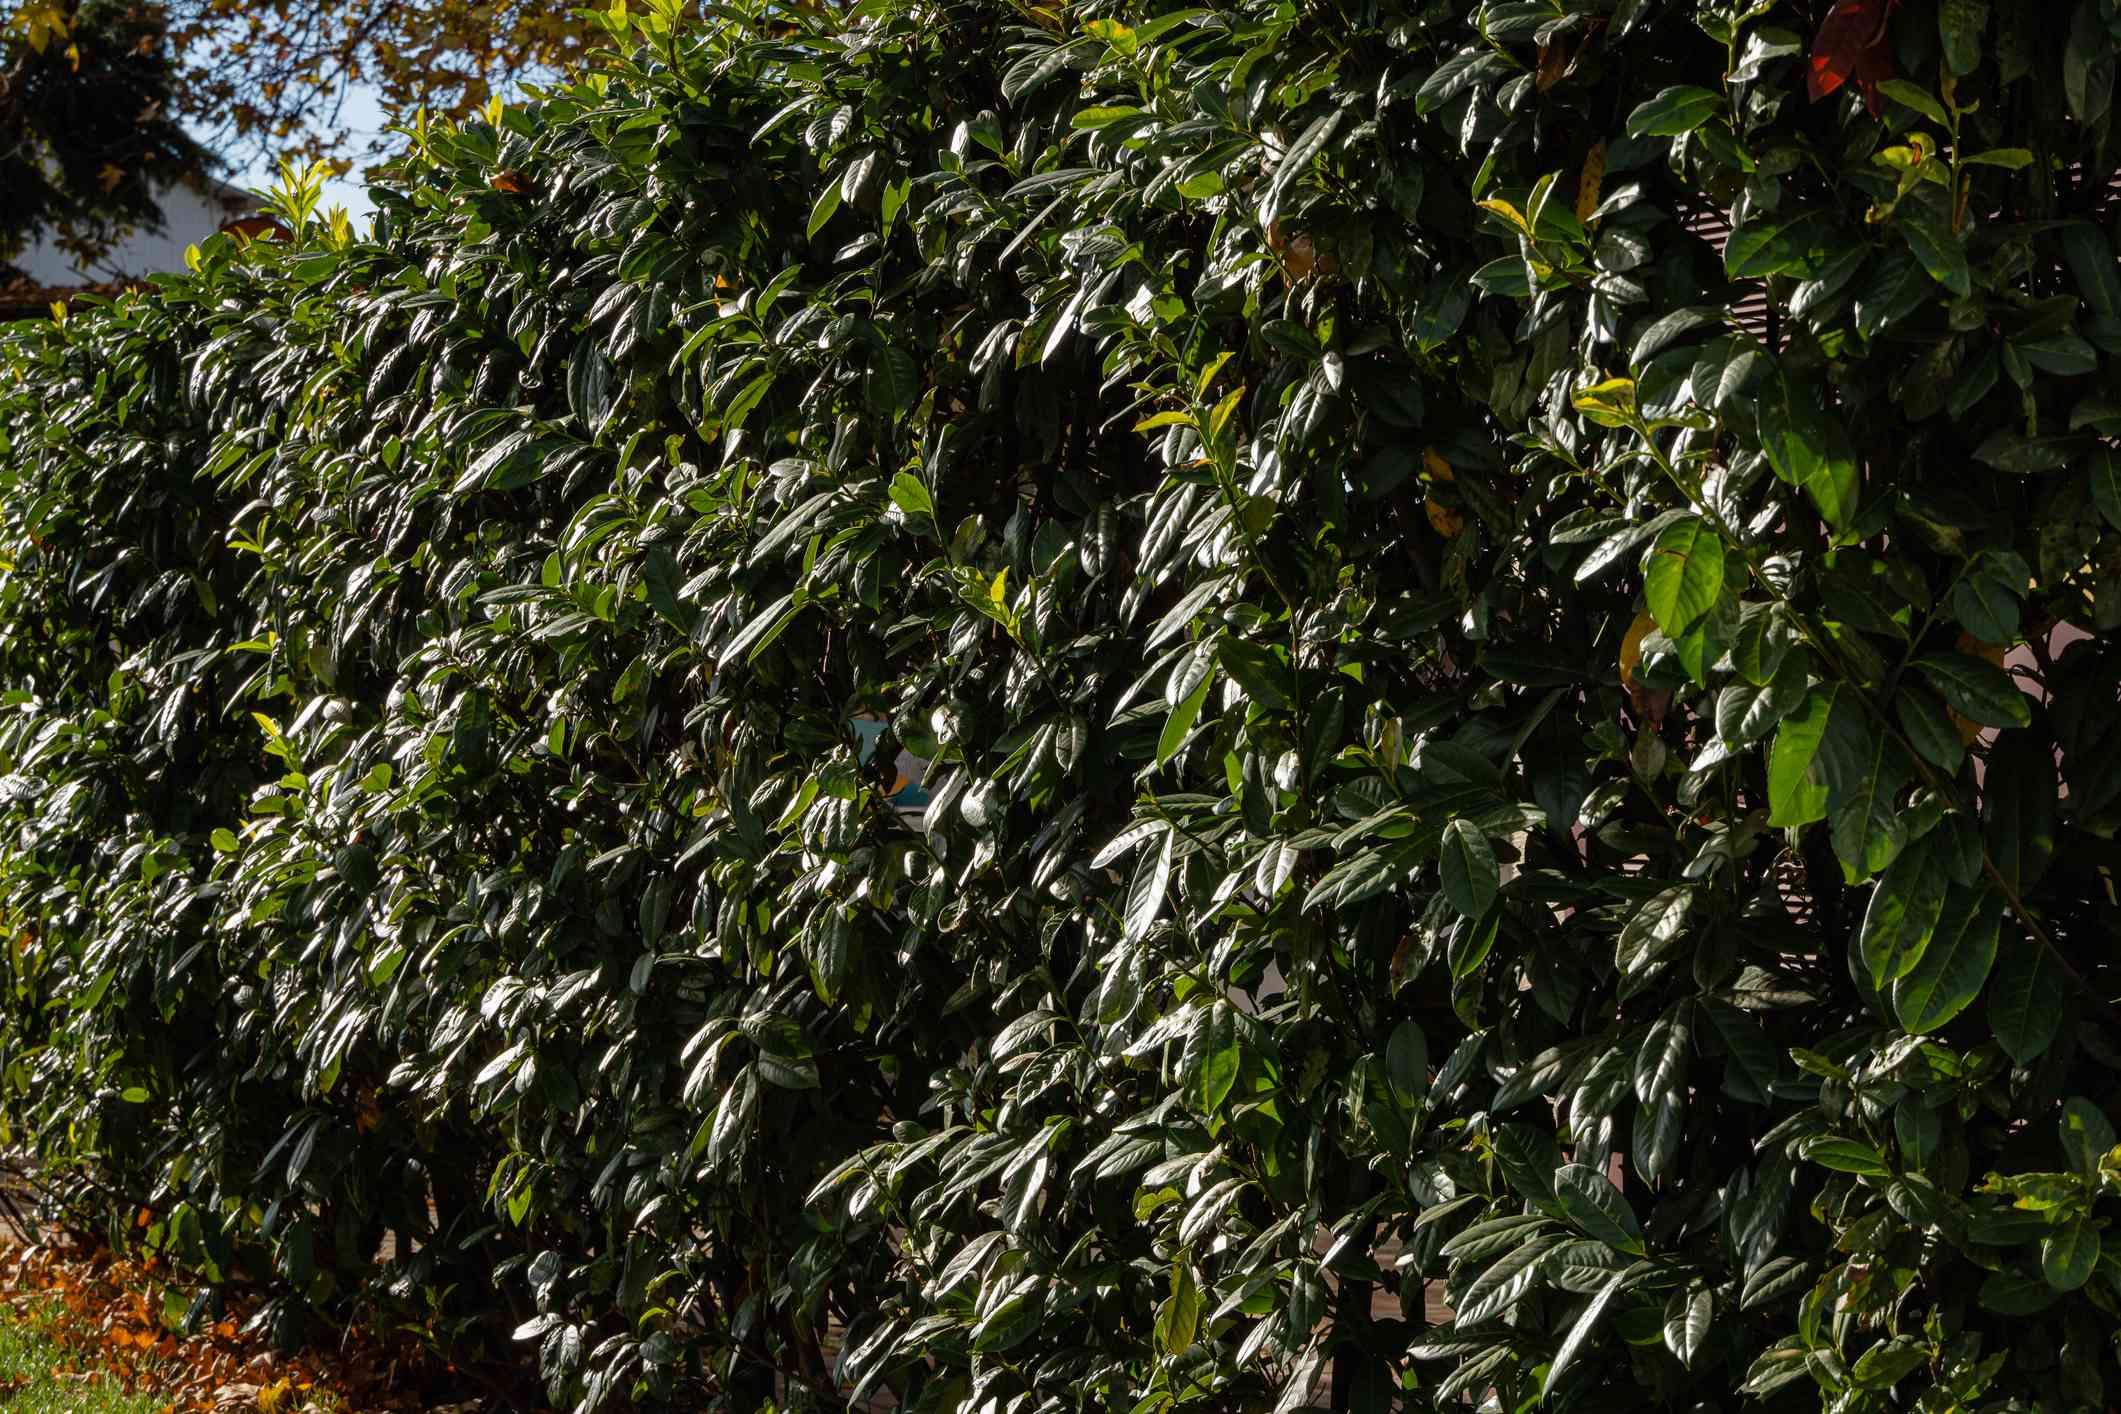 Cherry laurel shrub (Prunus laurocerasus)